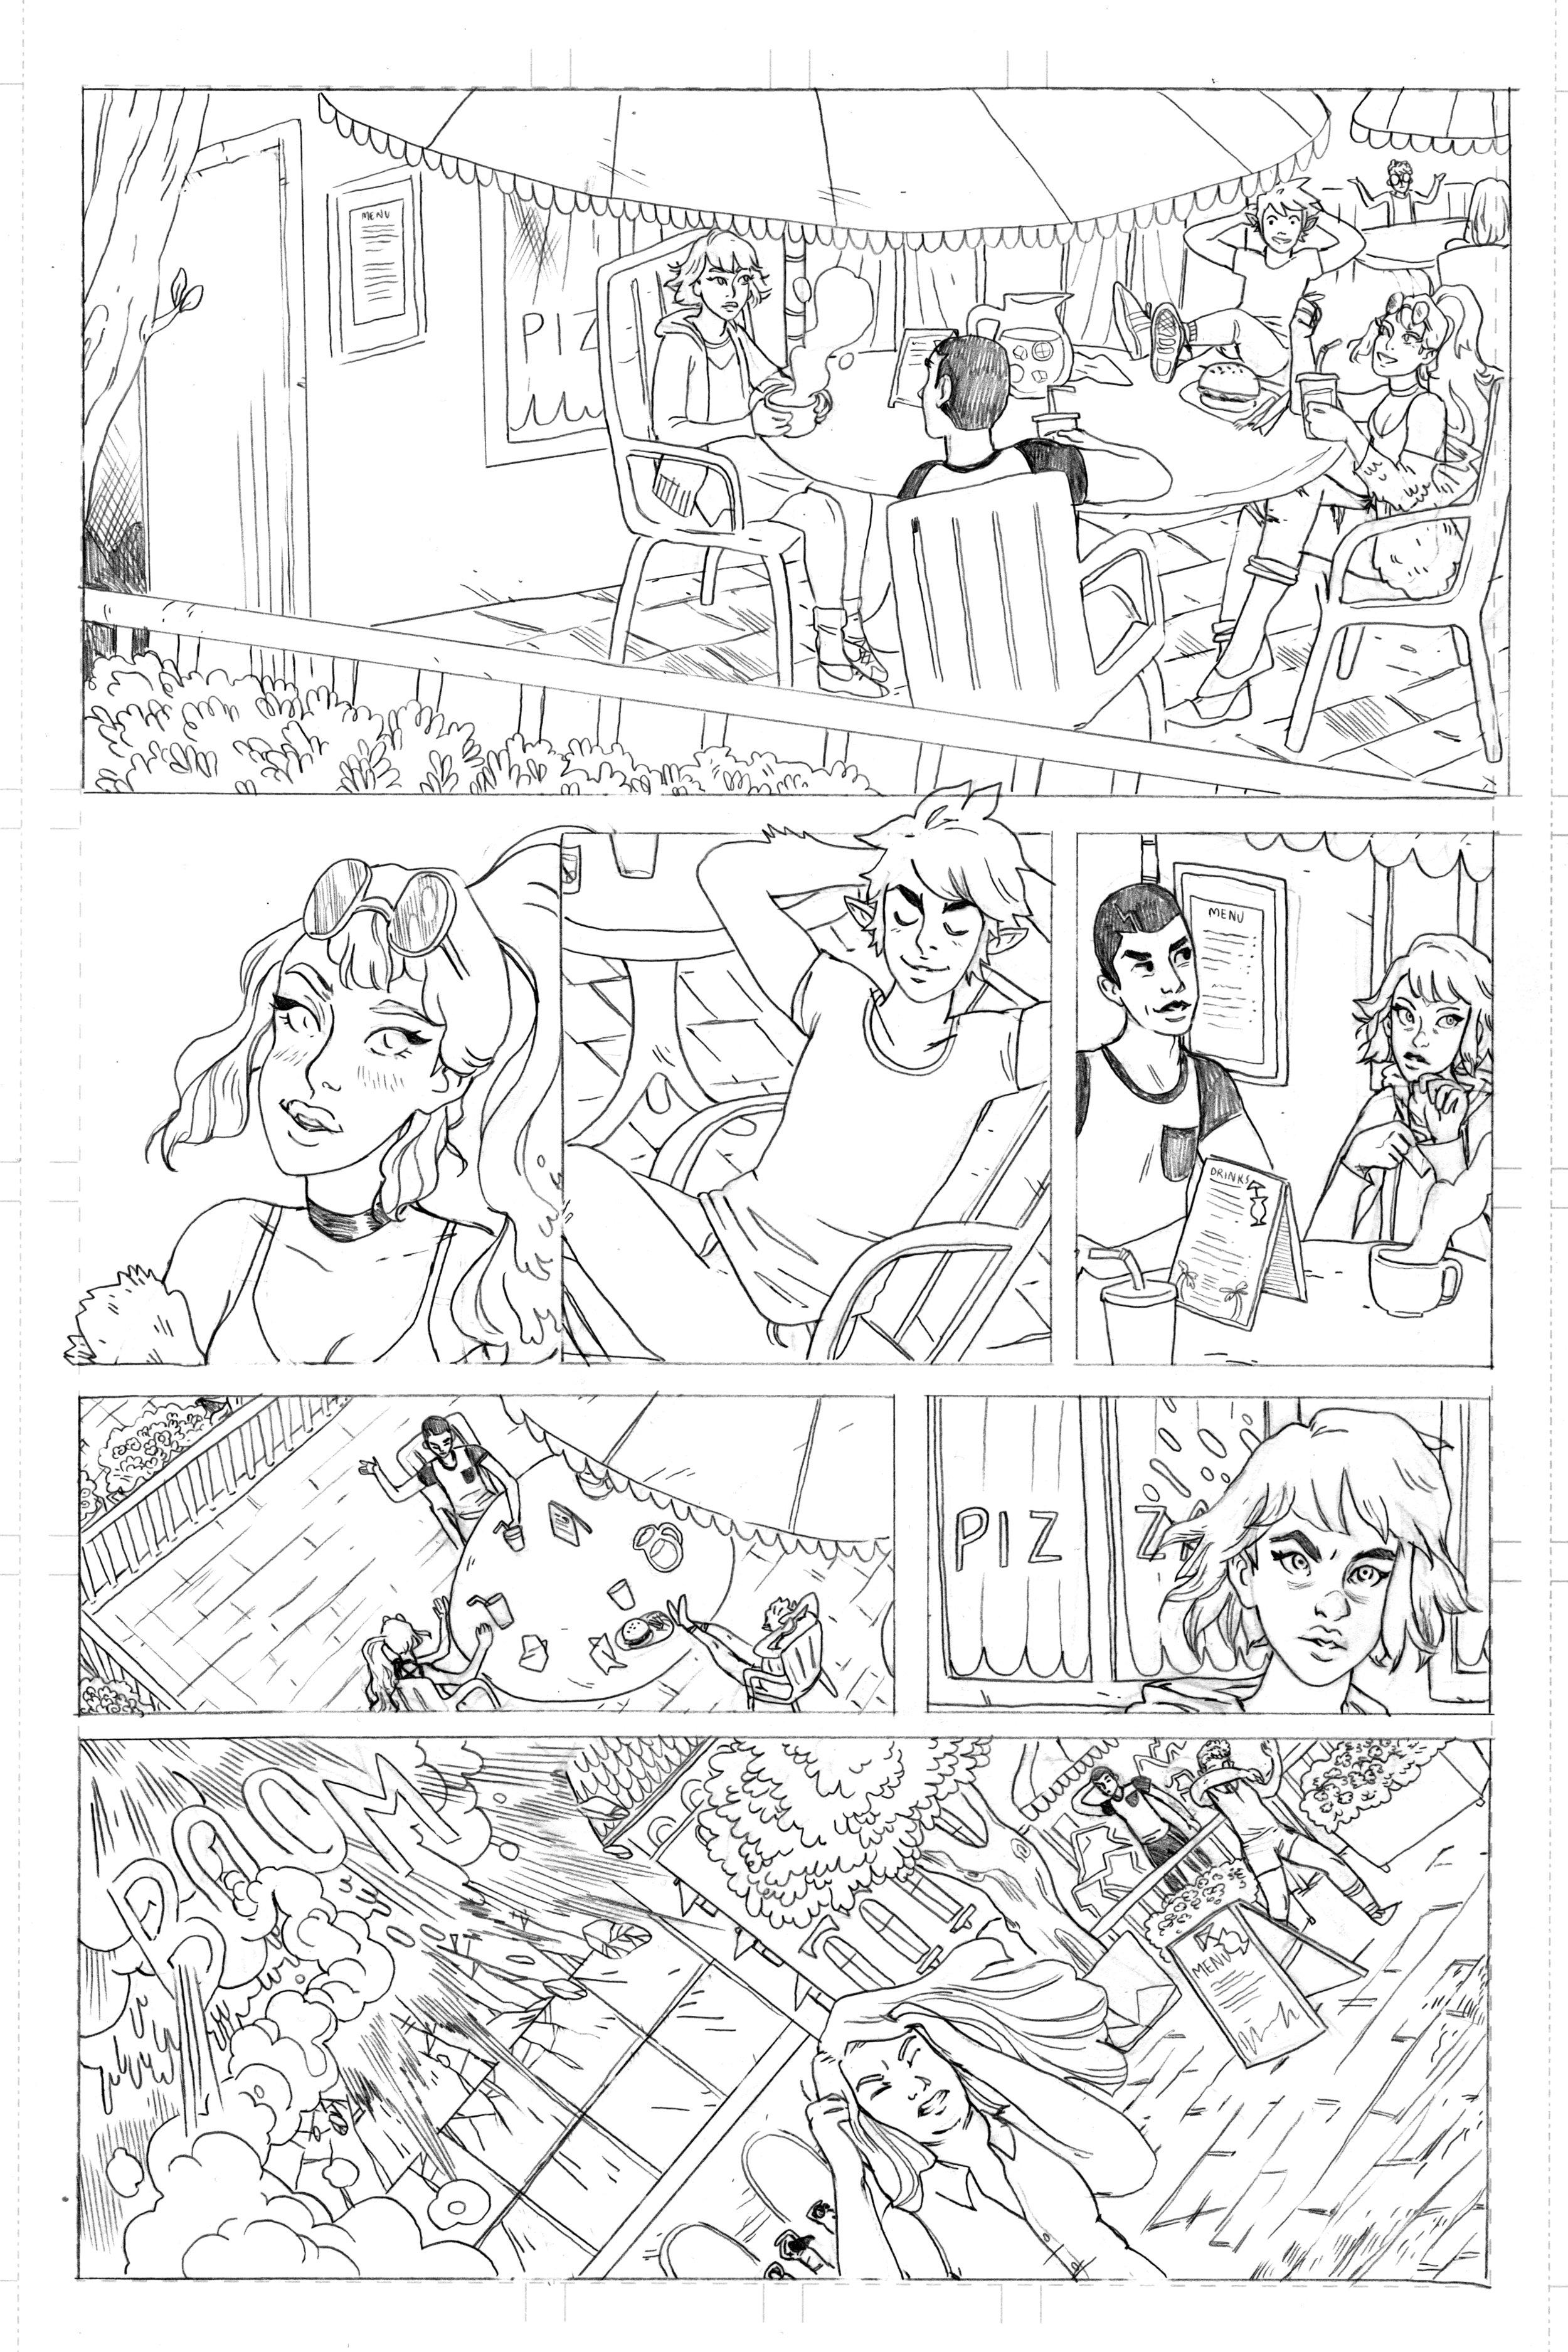 Teen_Titans-DC-pg1.jpeg